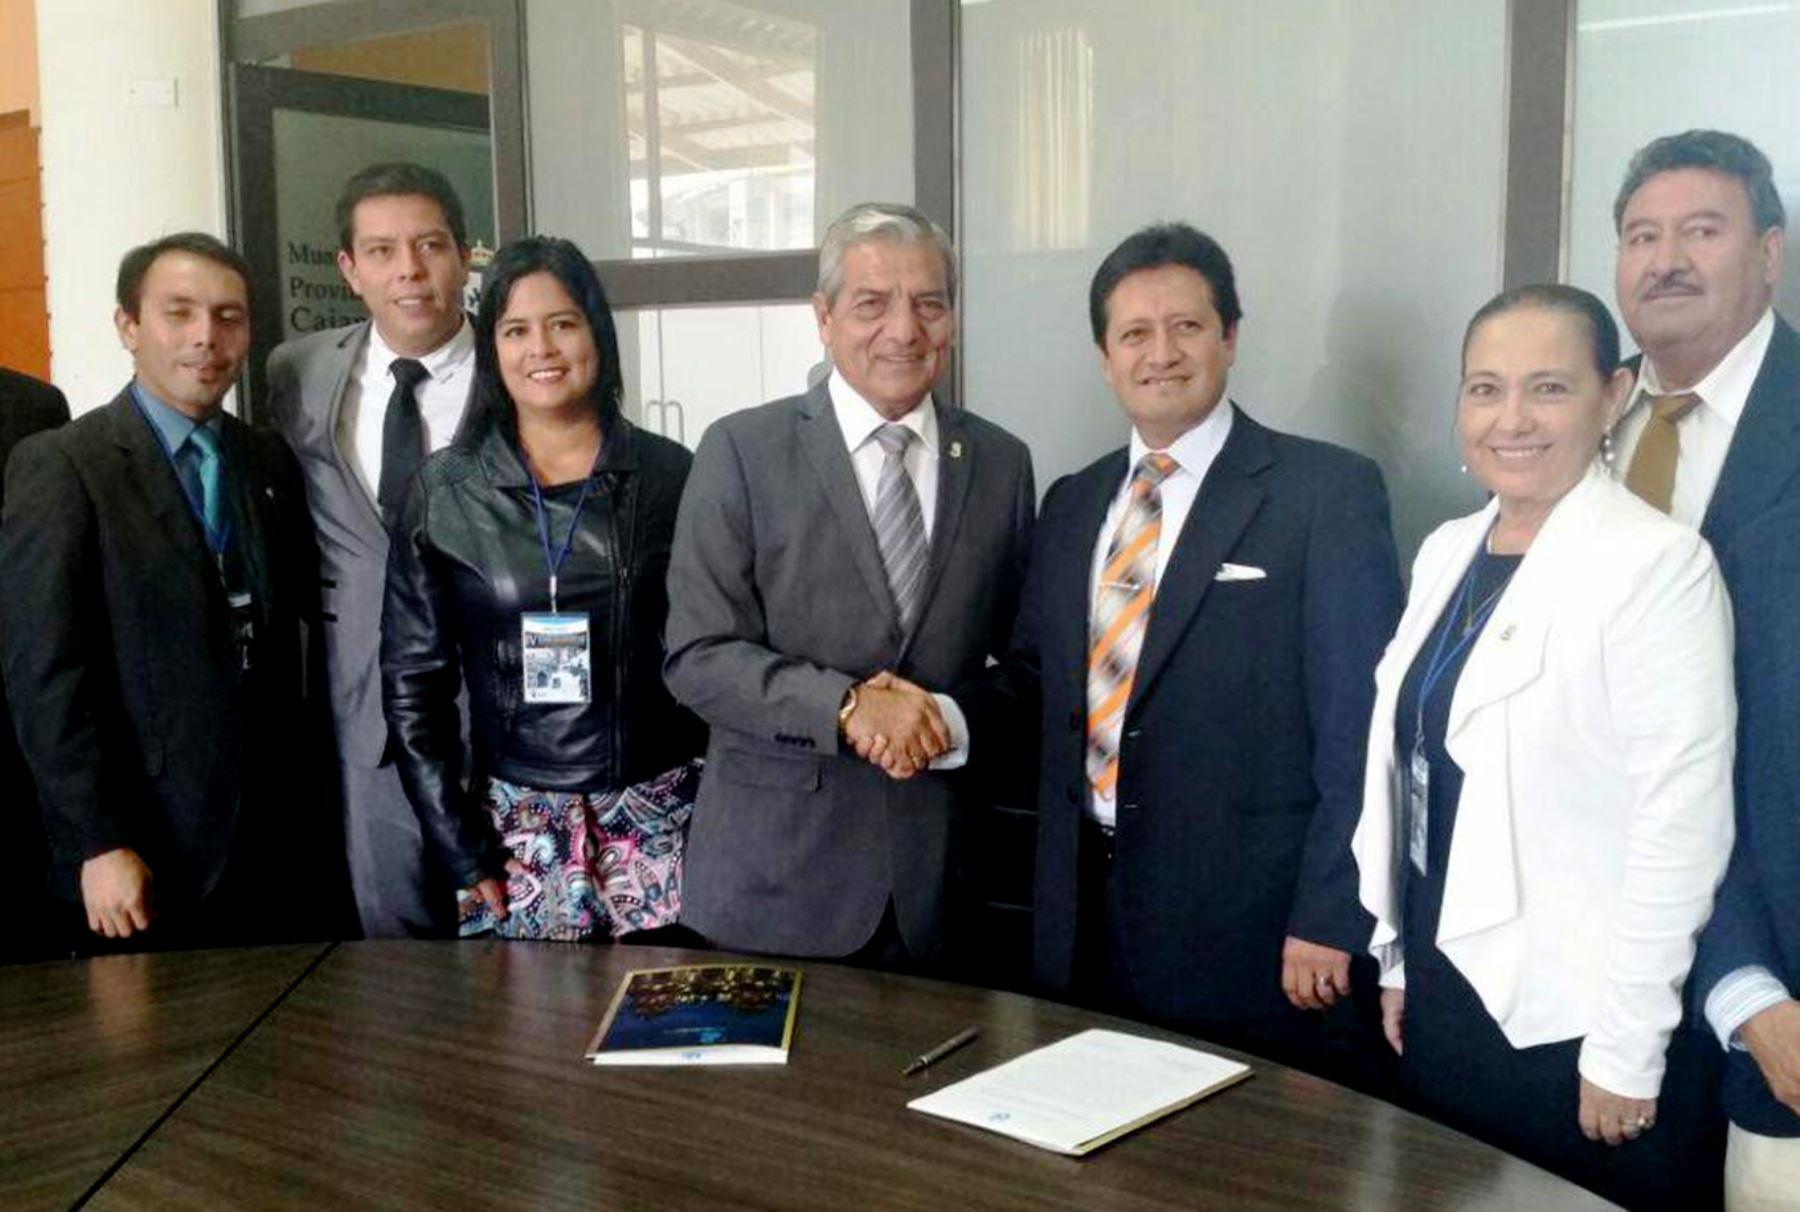 Municipalidades de Trujillo y Cajamarca acuerdan impulsar sector turismo y cultura. Foto: ANDINA/Difusión.